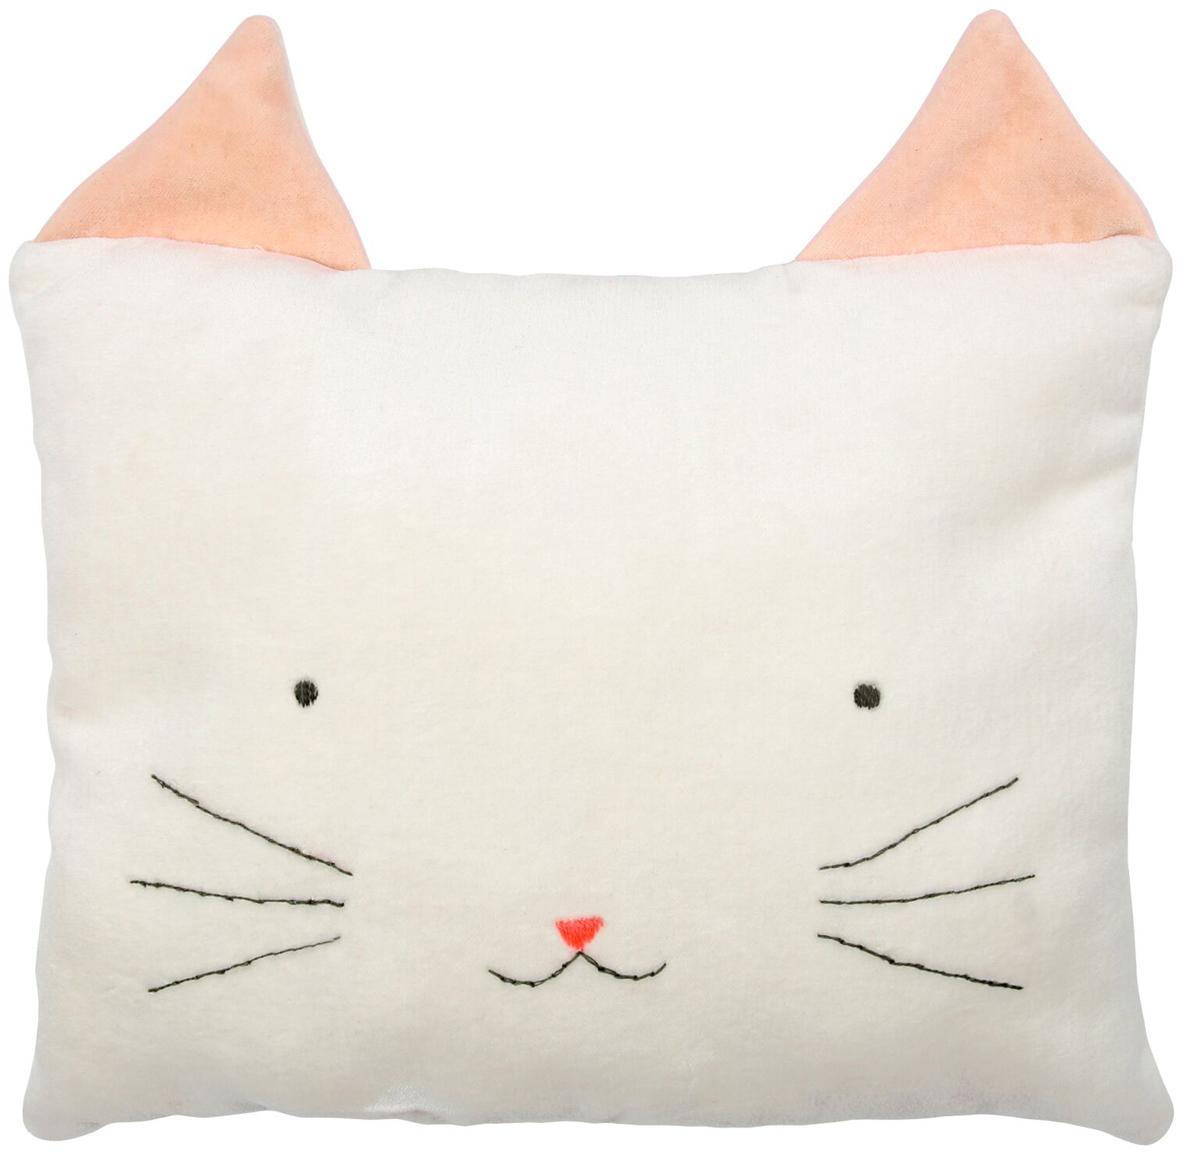 Kuschelkissen Cat, Bezug: Baumwollsamt, Gebrochenes Weiss, Rosa, Schwarz, 30 x 30 cm